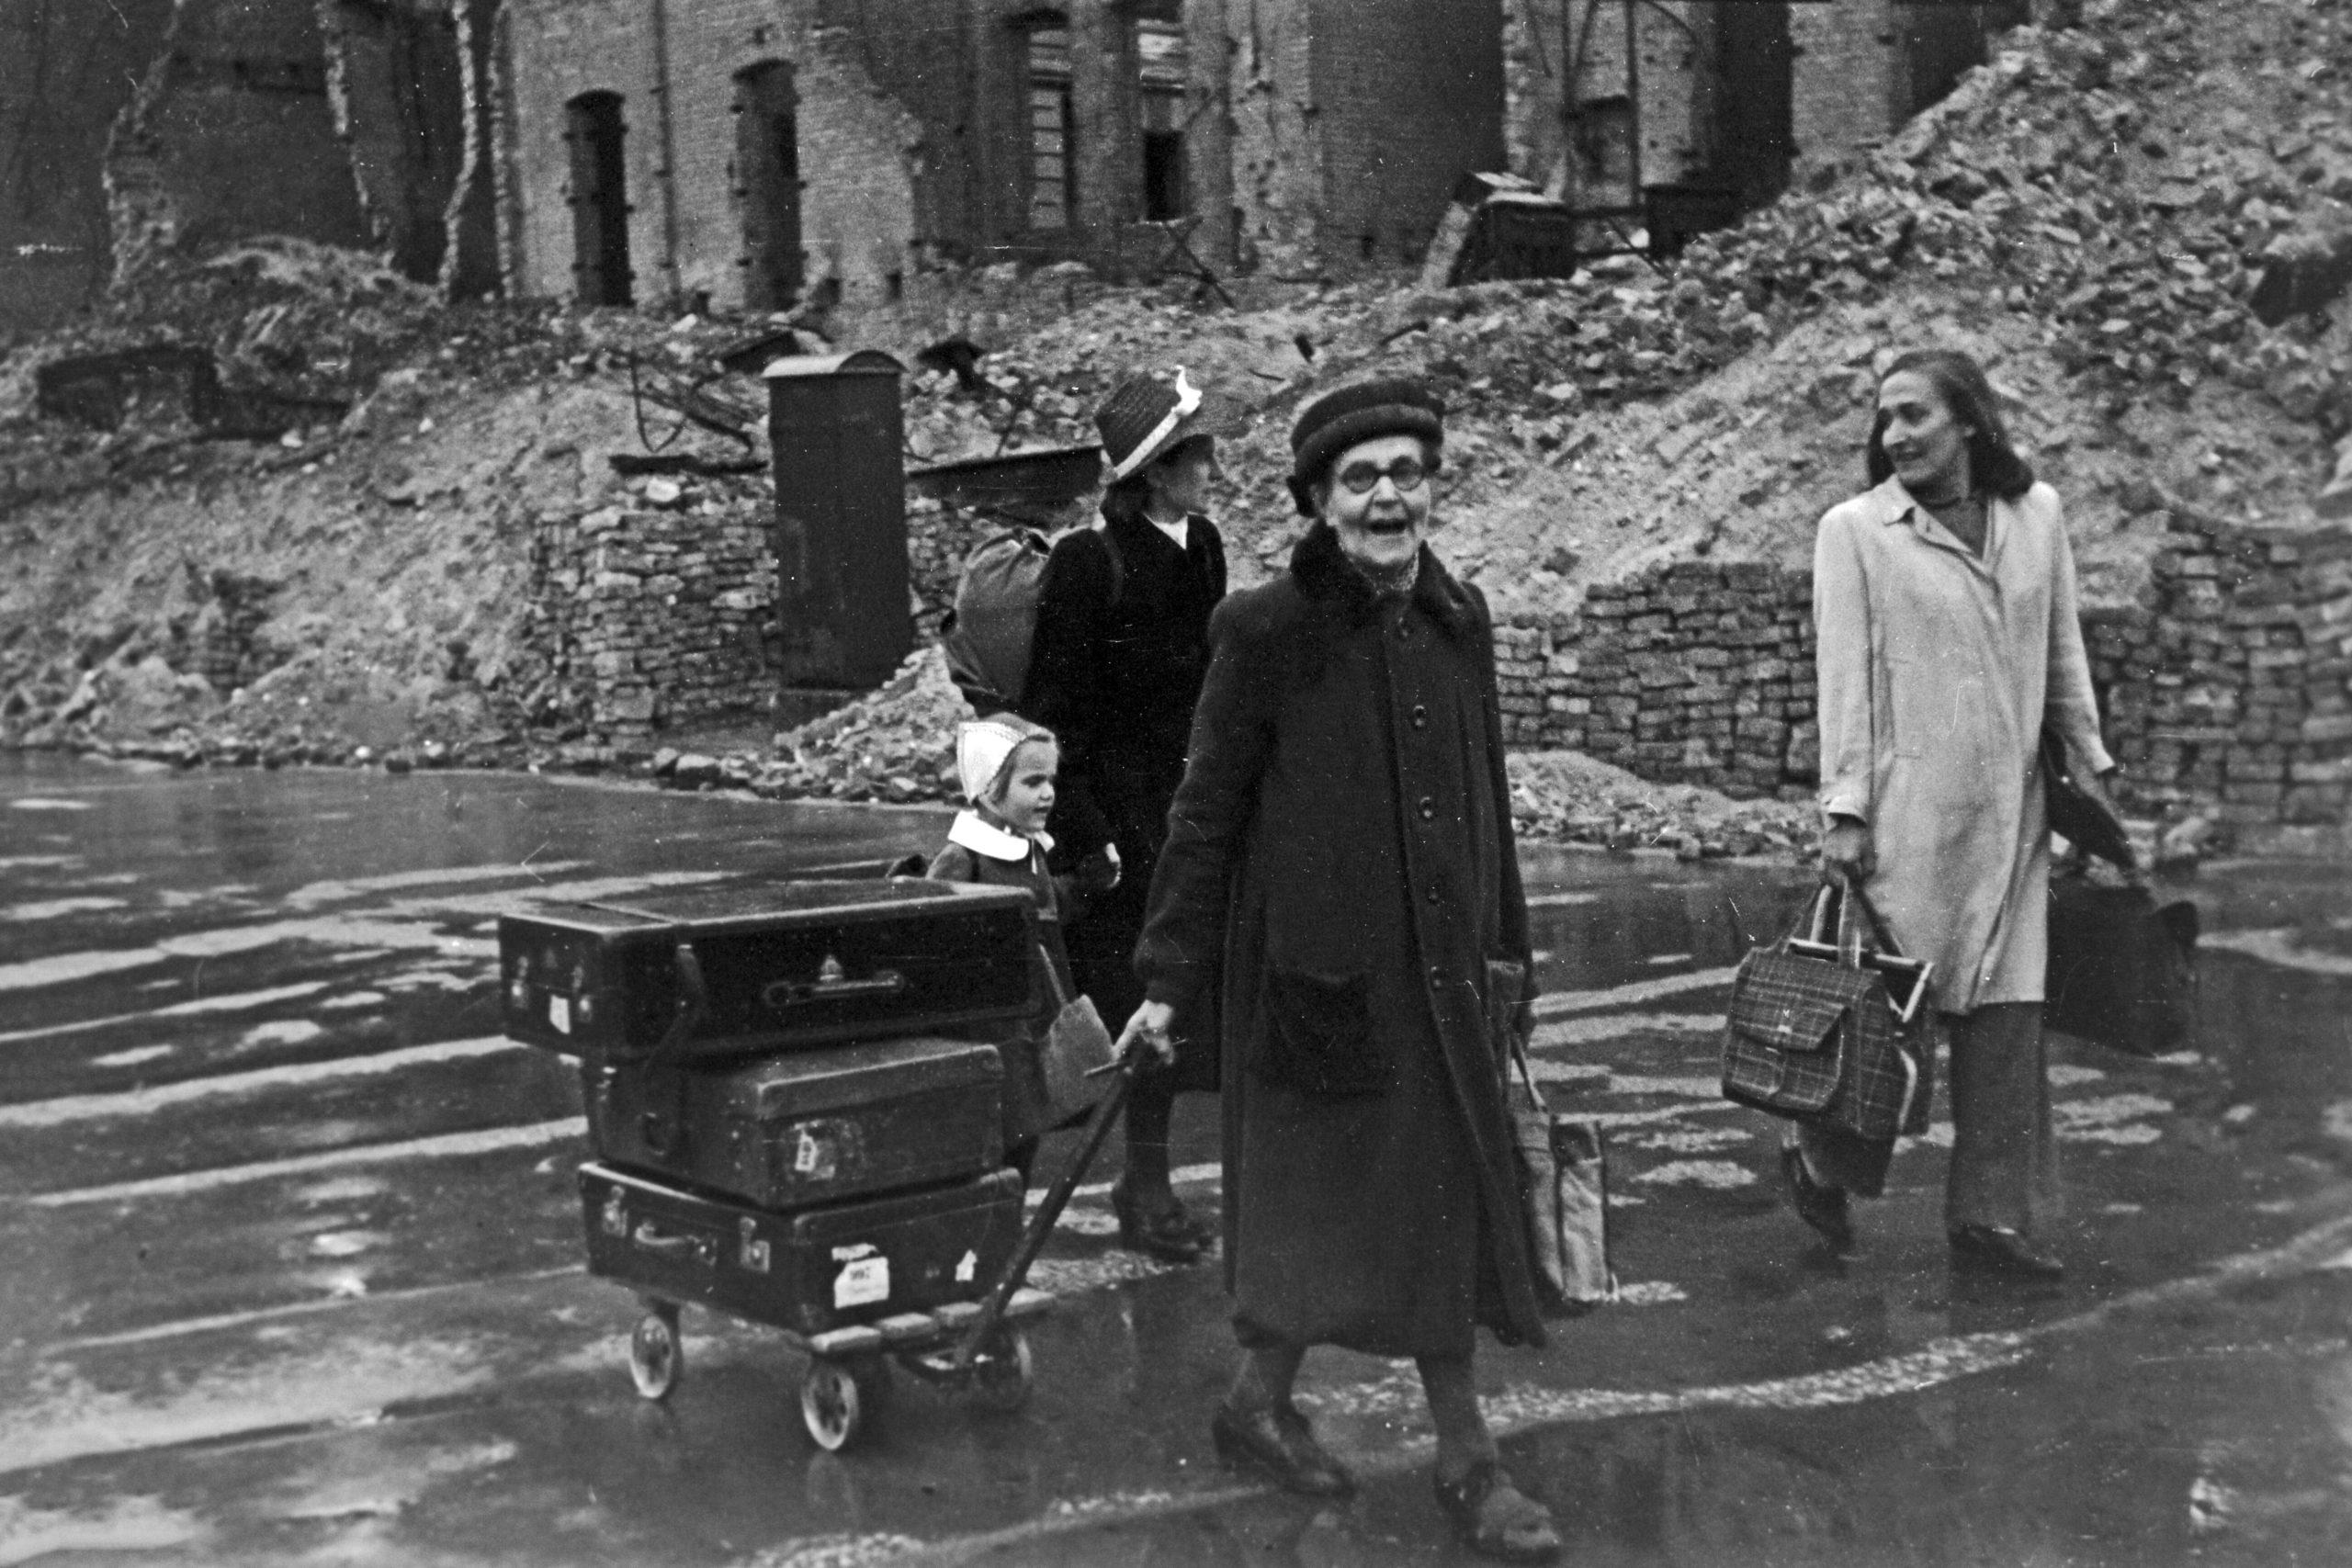 Familie auf dem Weg durch das verregnete Berlin. Auch 1949, vier Jahre nach dem Kriegsende, gehören die Trümmer zum Stadtbild. Foto: Imago/United Archives